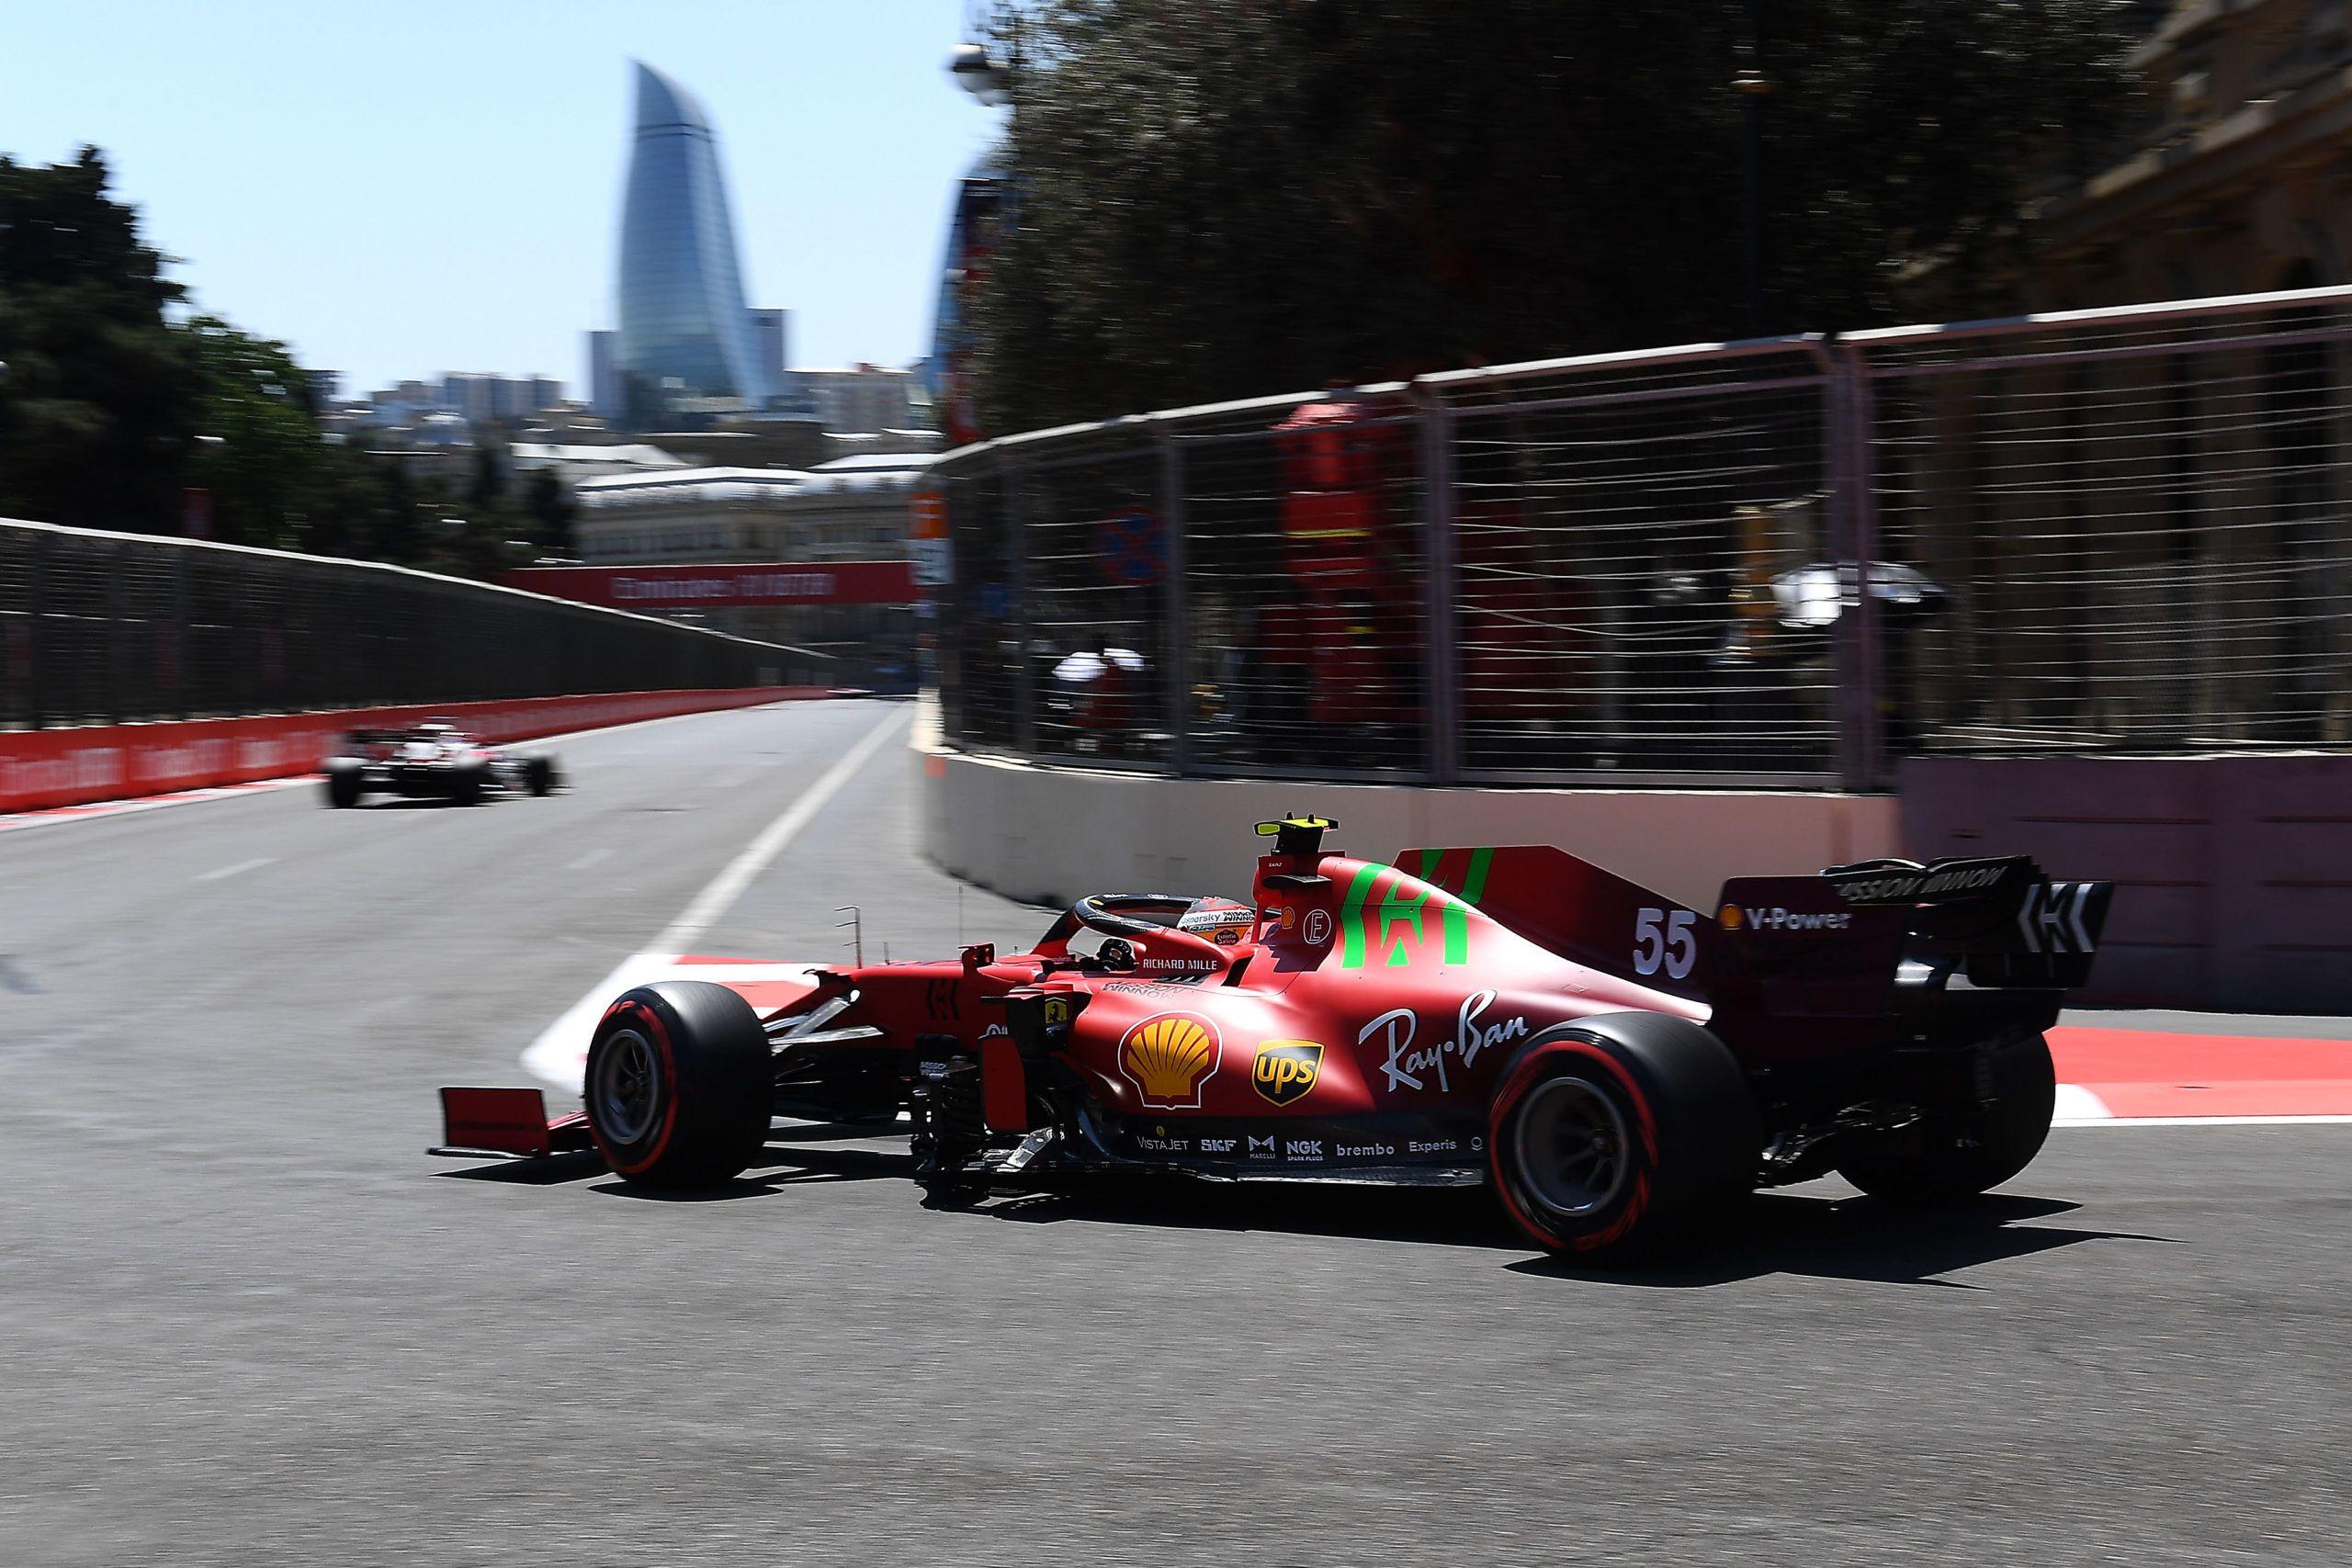 Carlos Sainz, Mattia Binotto, Ferrari